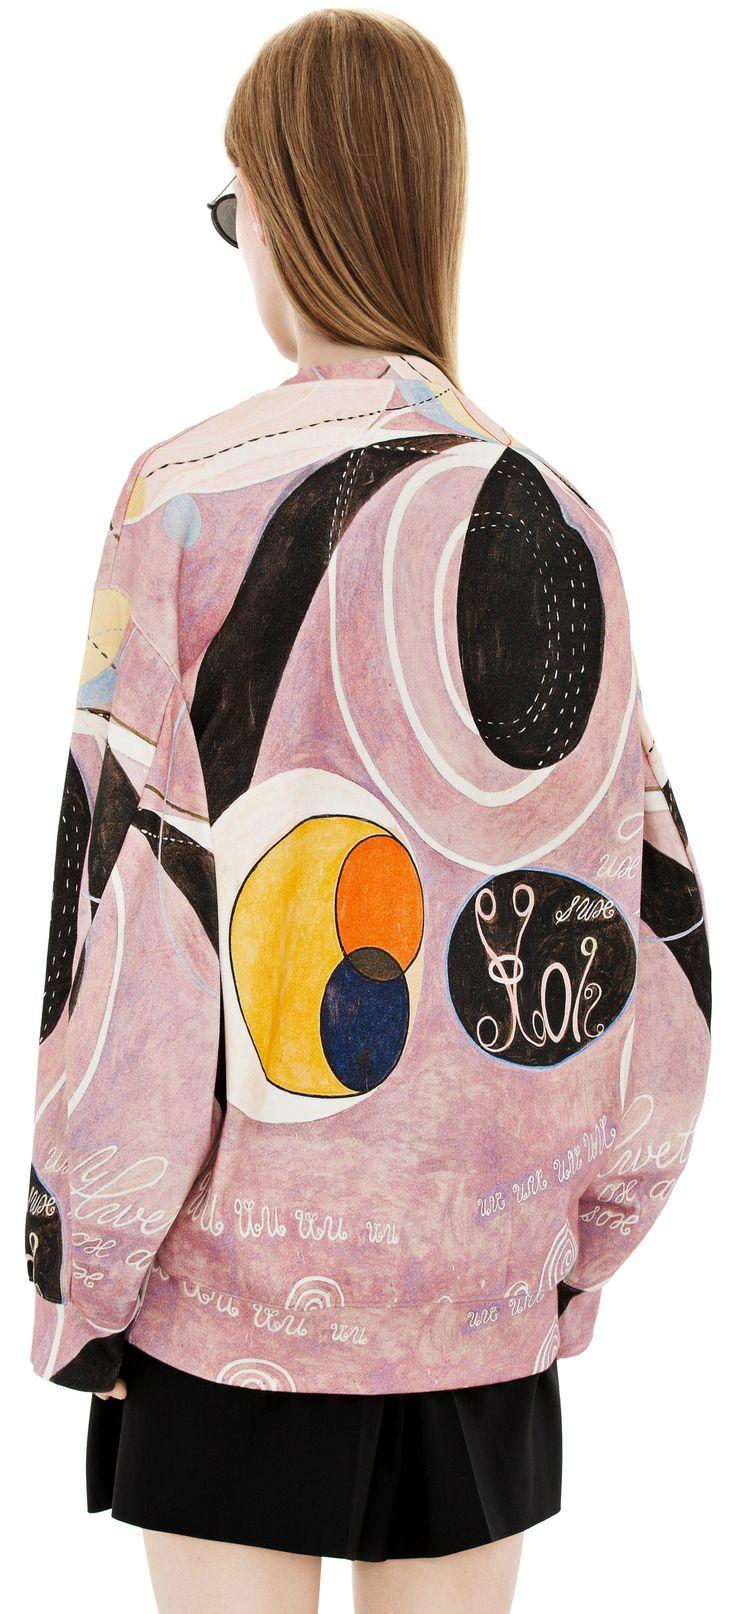 Hilma Af Klint Collection :  Beta h.k black/pink print. Acne Studios.